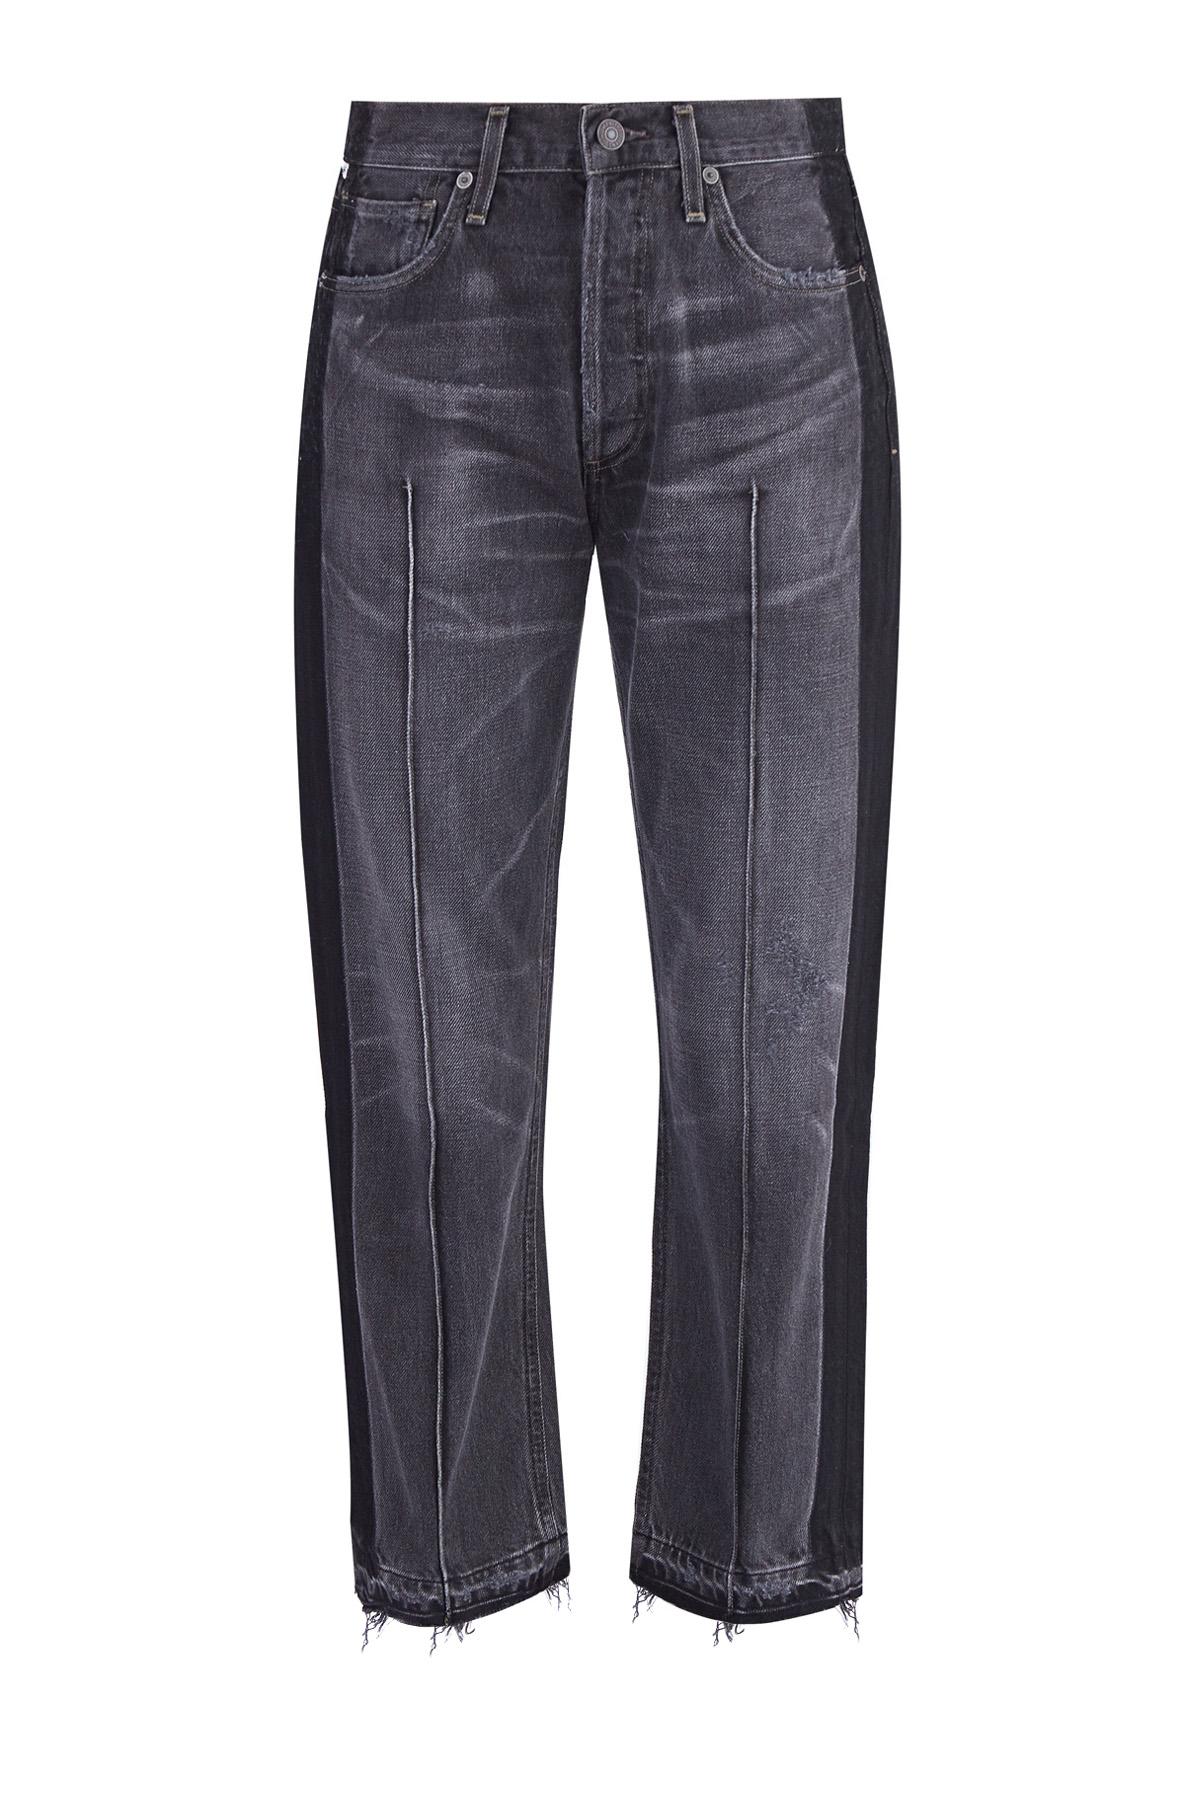 Широкие джинсы со сложным окрашиванием, бахромой и прошитыми стрелками